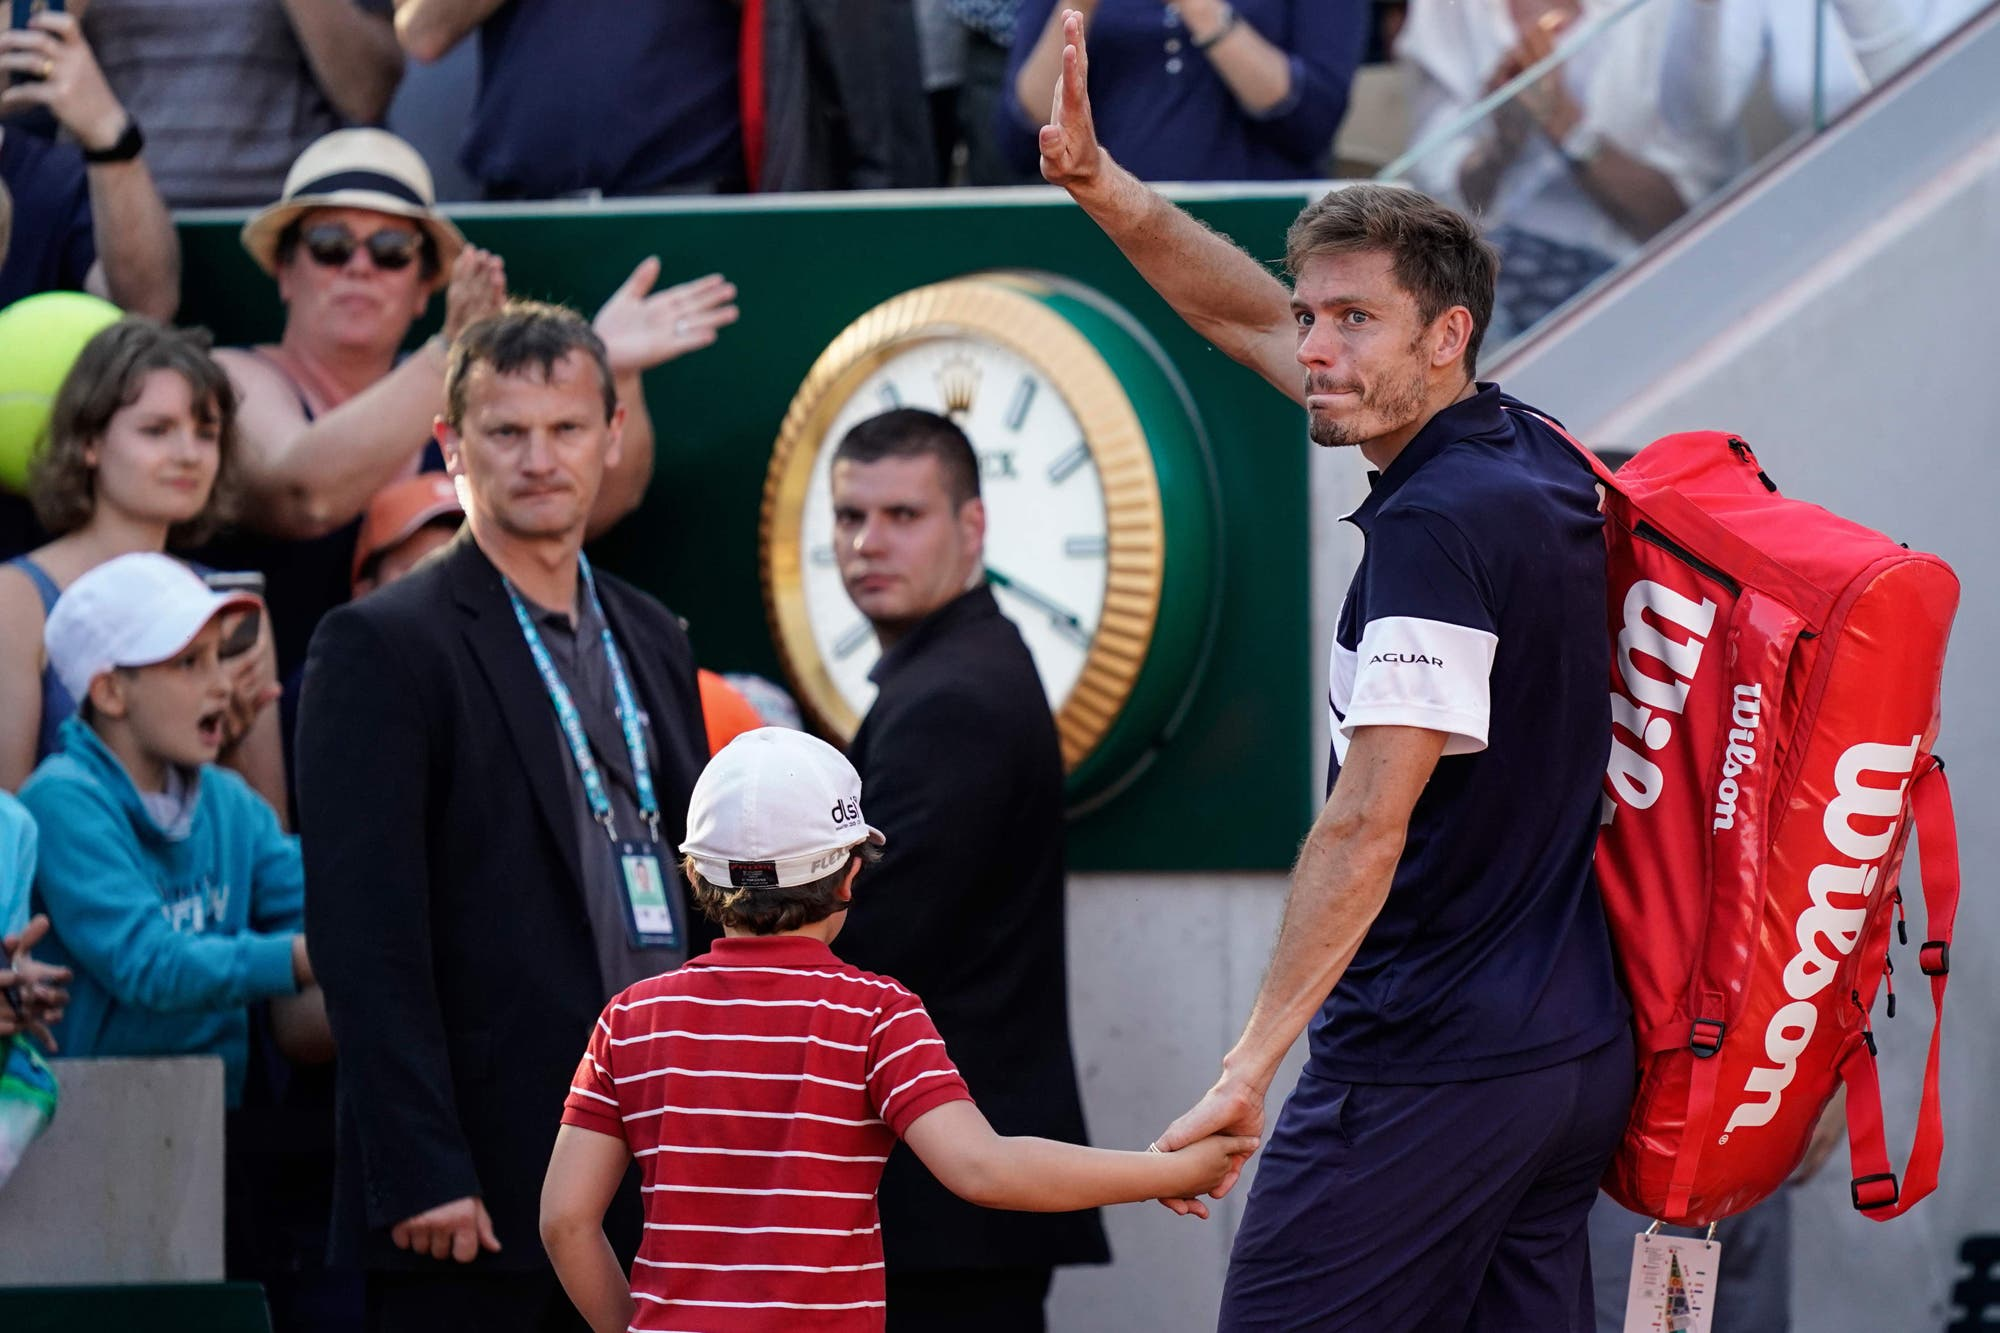 Roland Garros: La emoción de Nicolas Mahut y su hijo en el court, después de su derrota con Leonardo Mayer